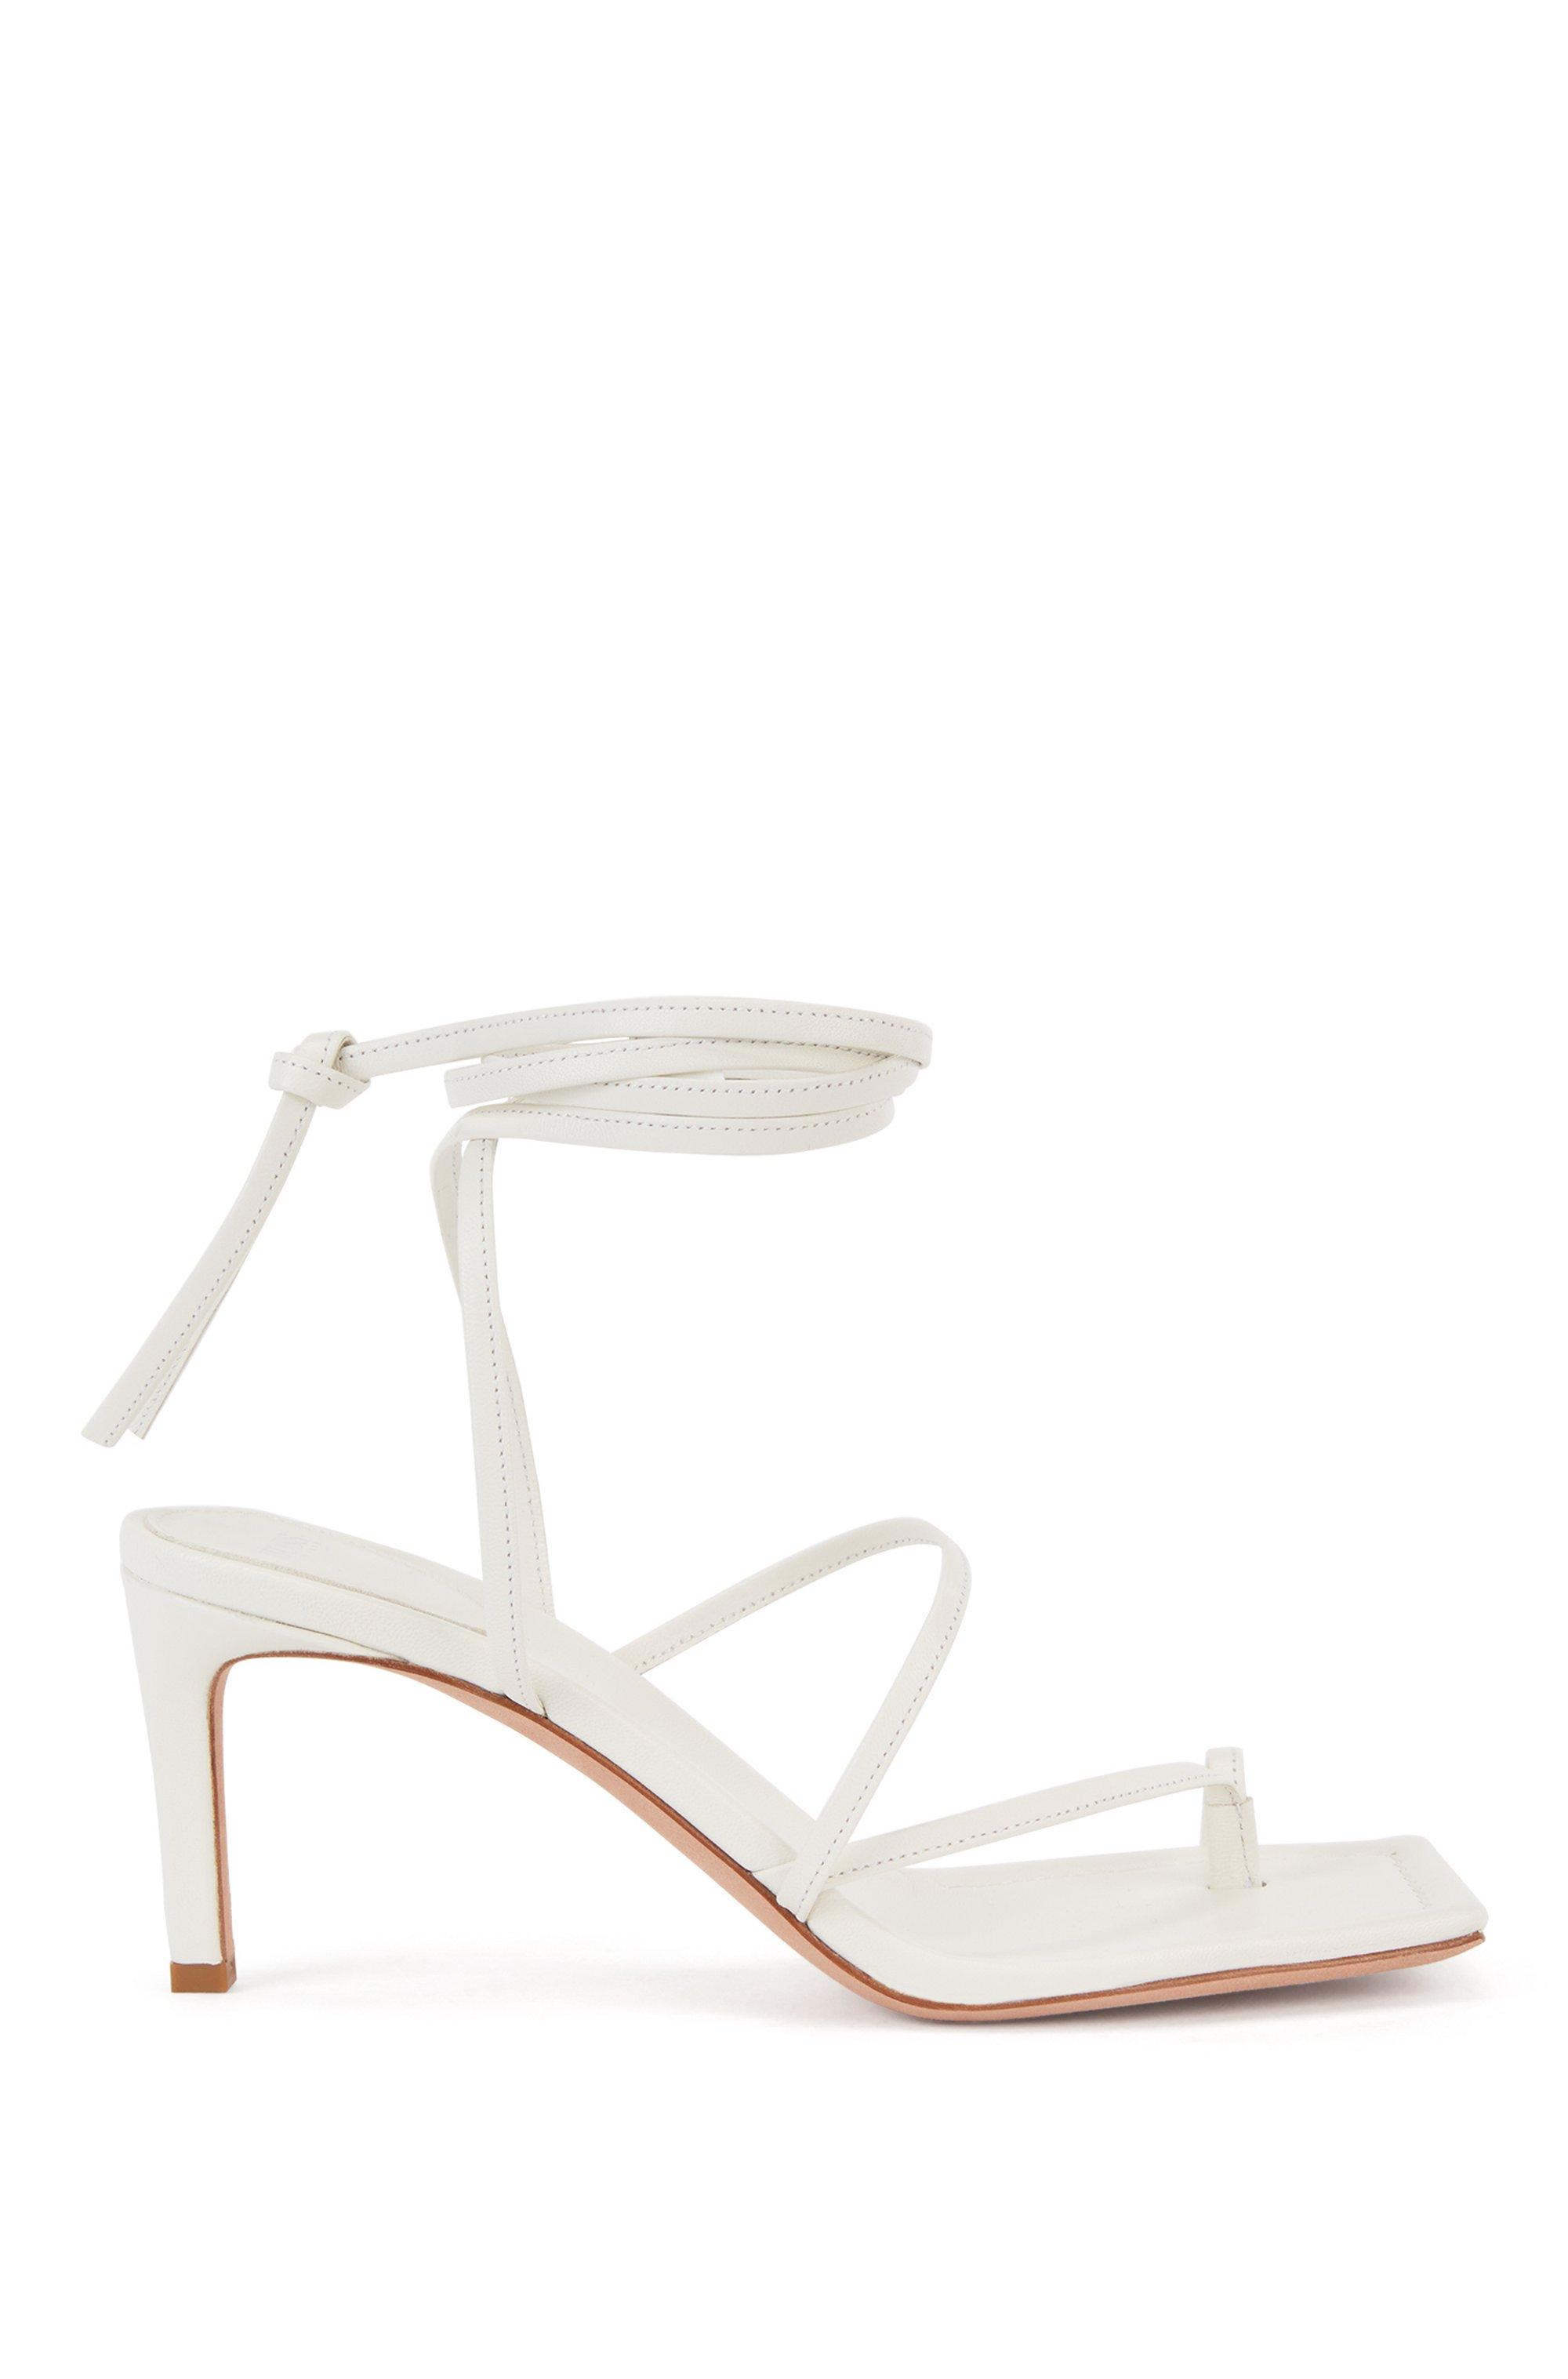 Sandalias con tira larga en el tobillo elaboradas en piel italiana, Blanco